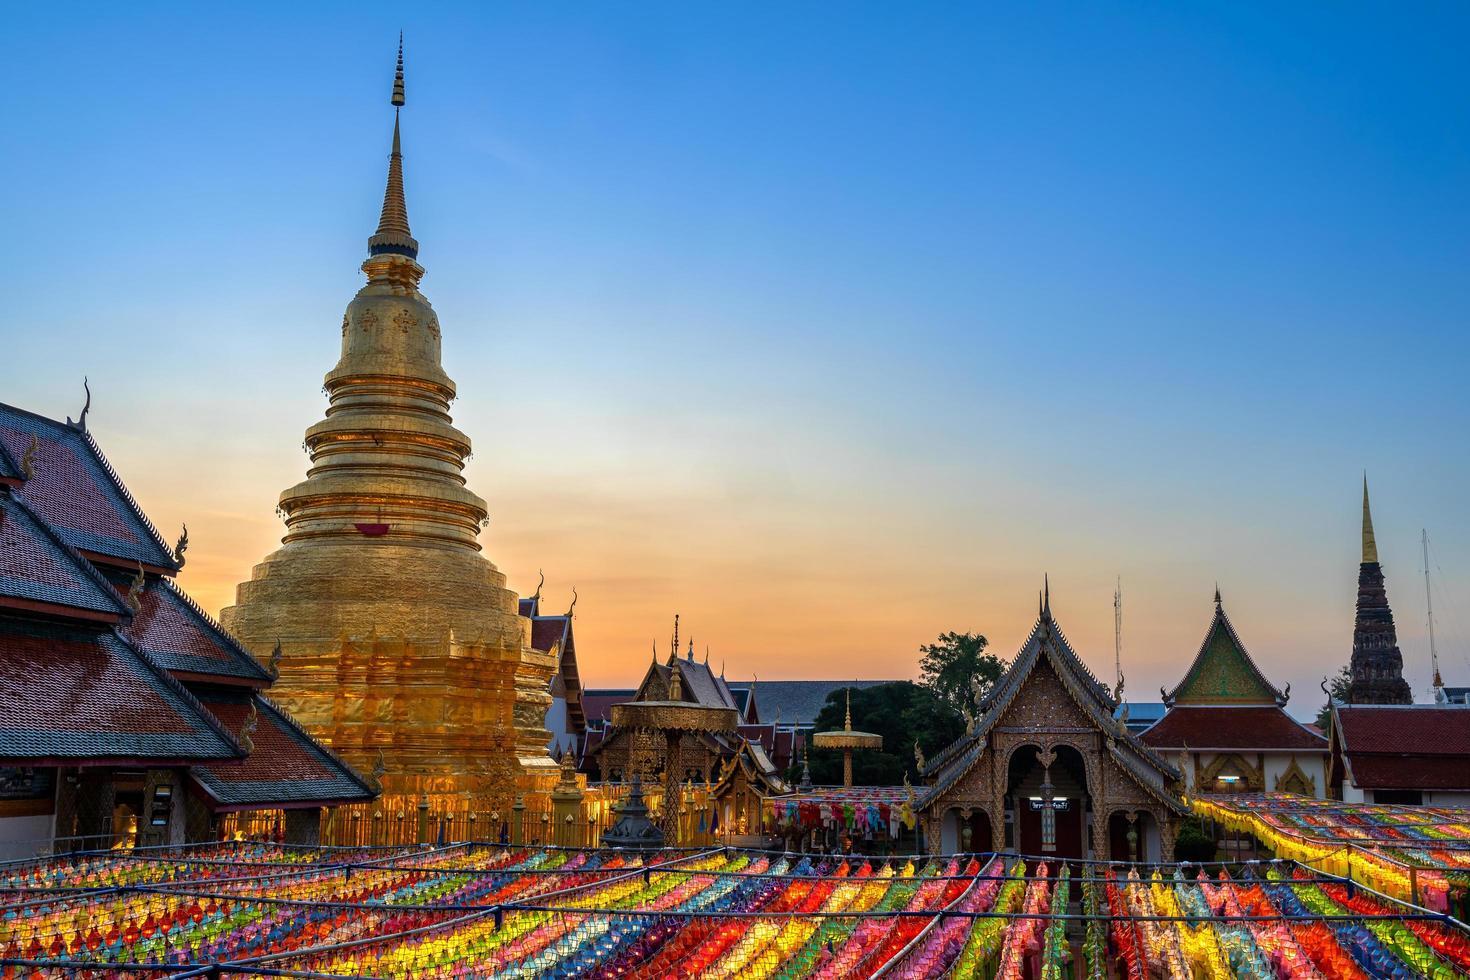 cielo crepuscular en un festival anual en Tailandia foto